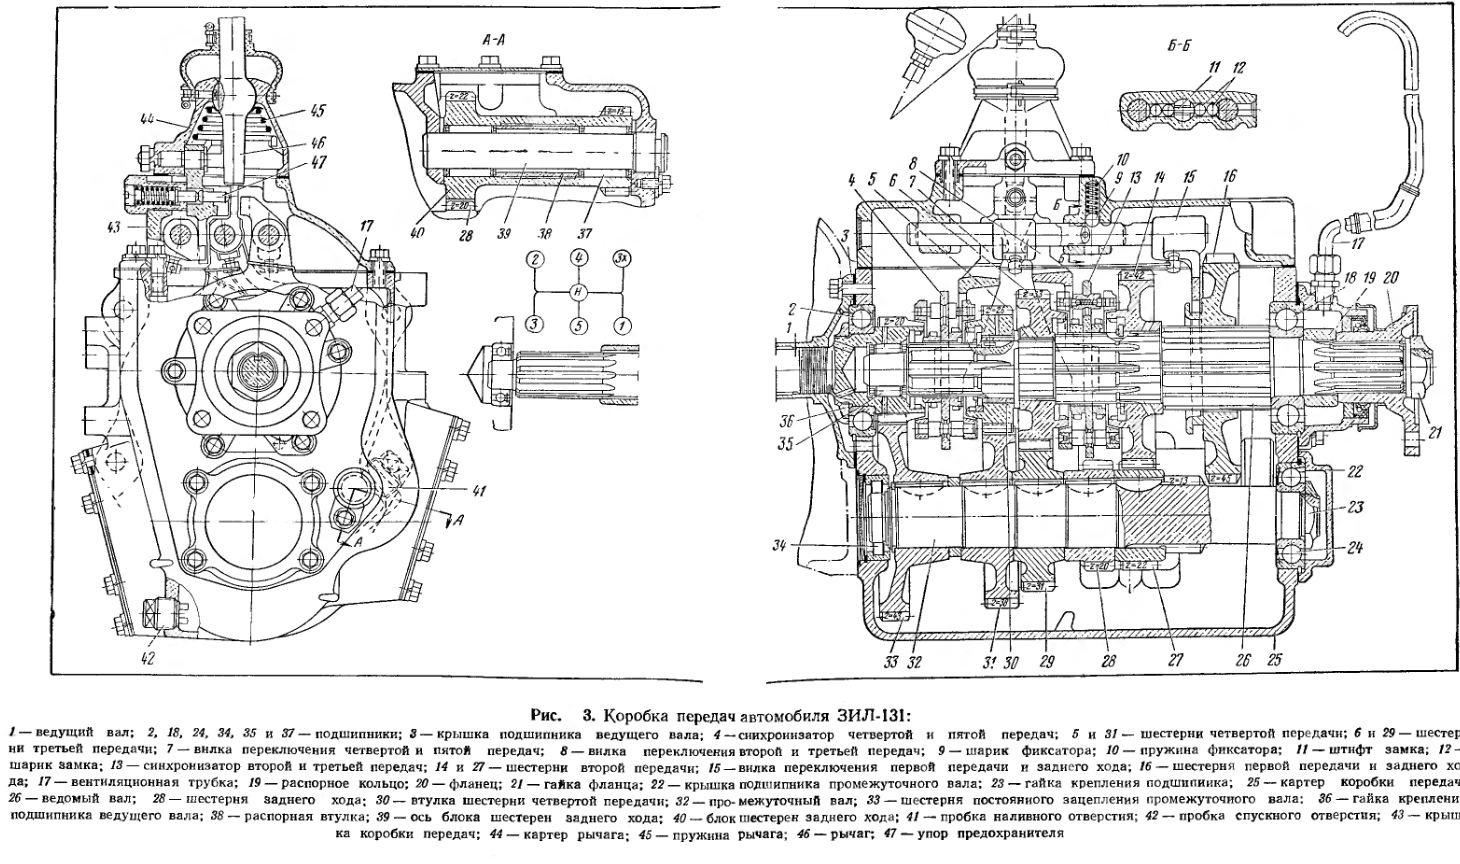 Коробка передач автомобиля ЗиЛ-131